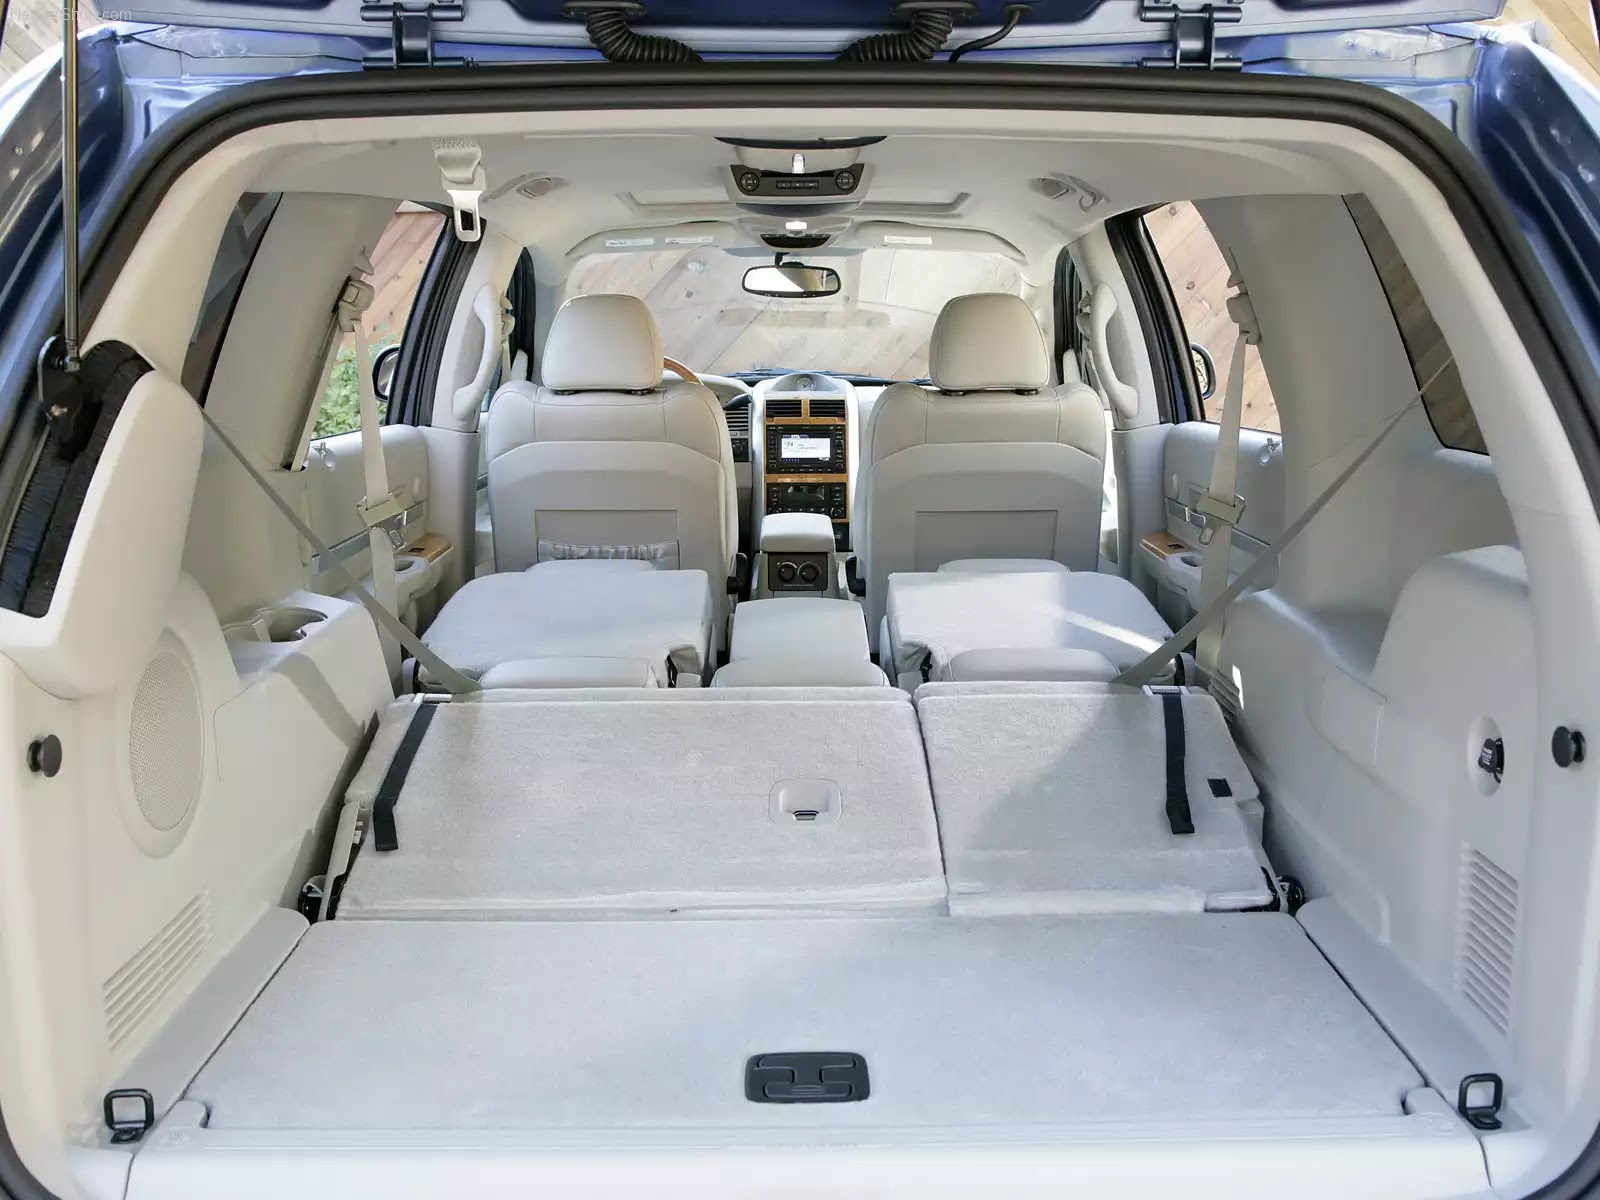 Hình ảnh xe ô tô Chrysler Aspen 2007 & nội ngoại thất